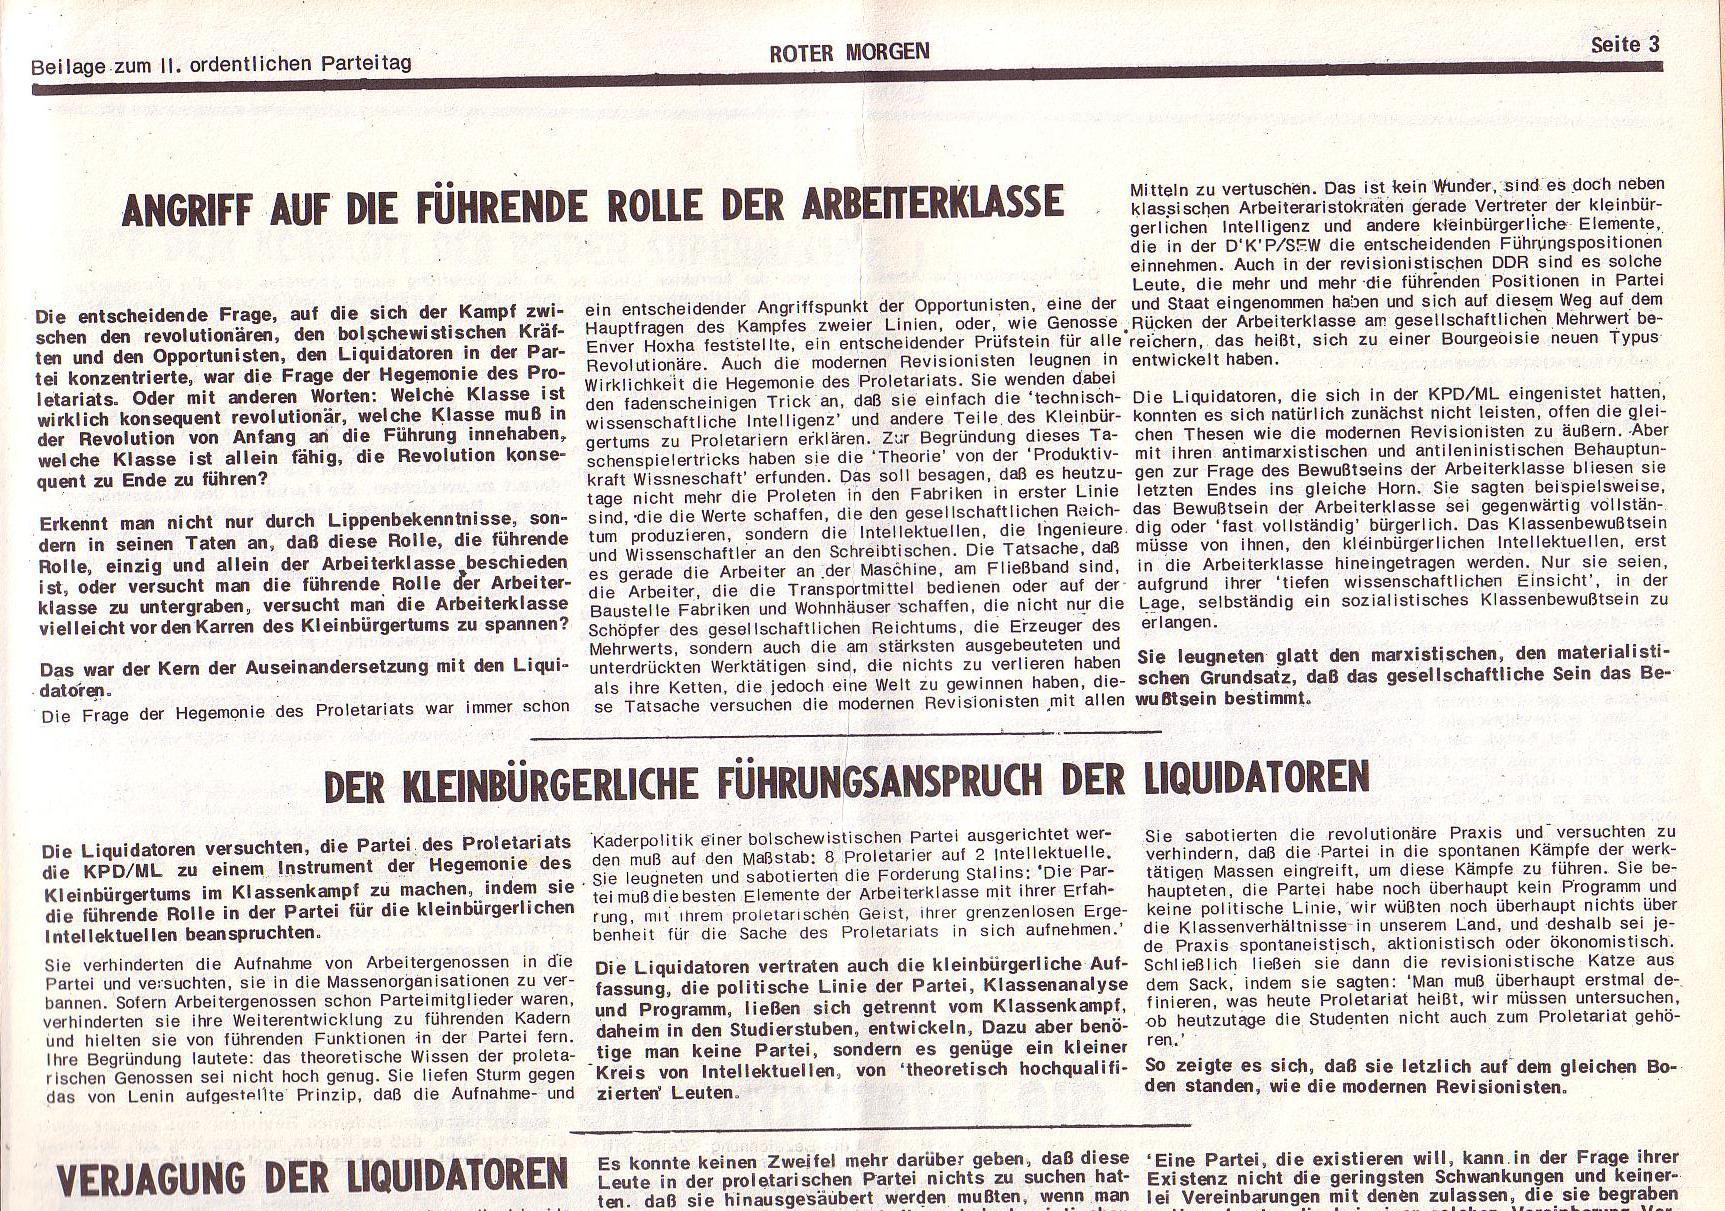 Roter Morgen, 6. Jg., Juli 1972, Sonderbeilage zum II. ordentlichen Parteitag, Seite 3a